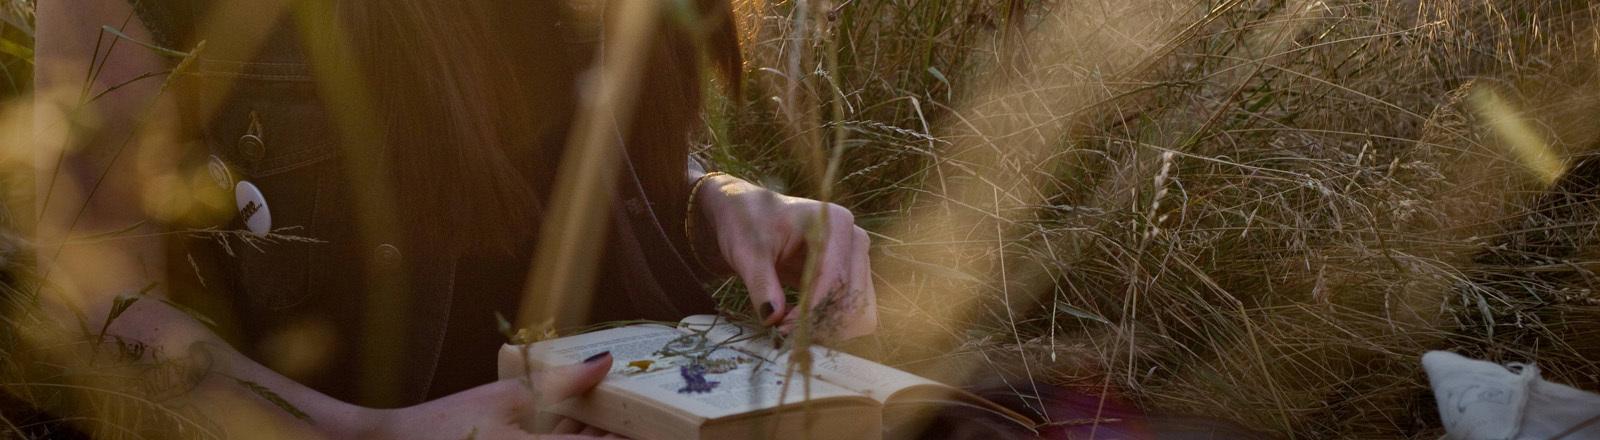 Mädchen liegt mit Buch im Gras